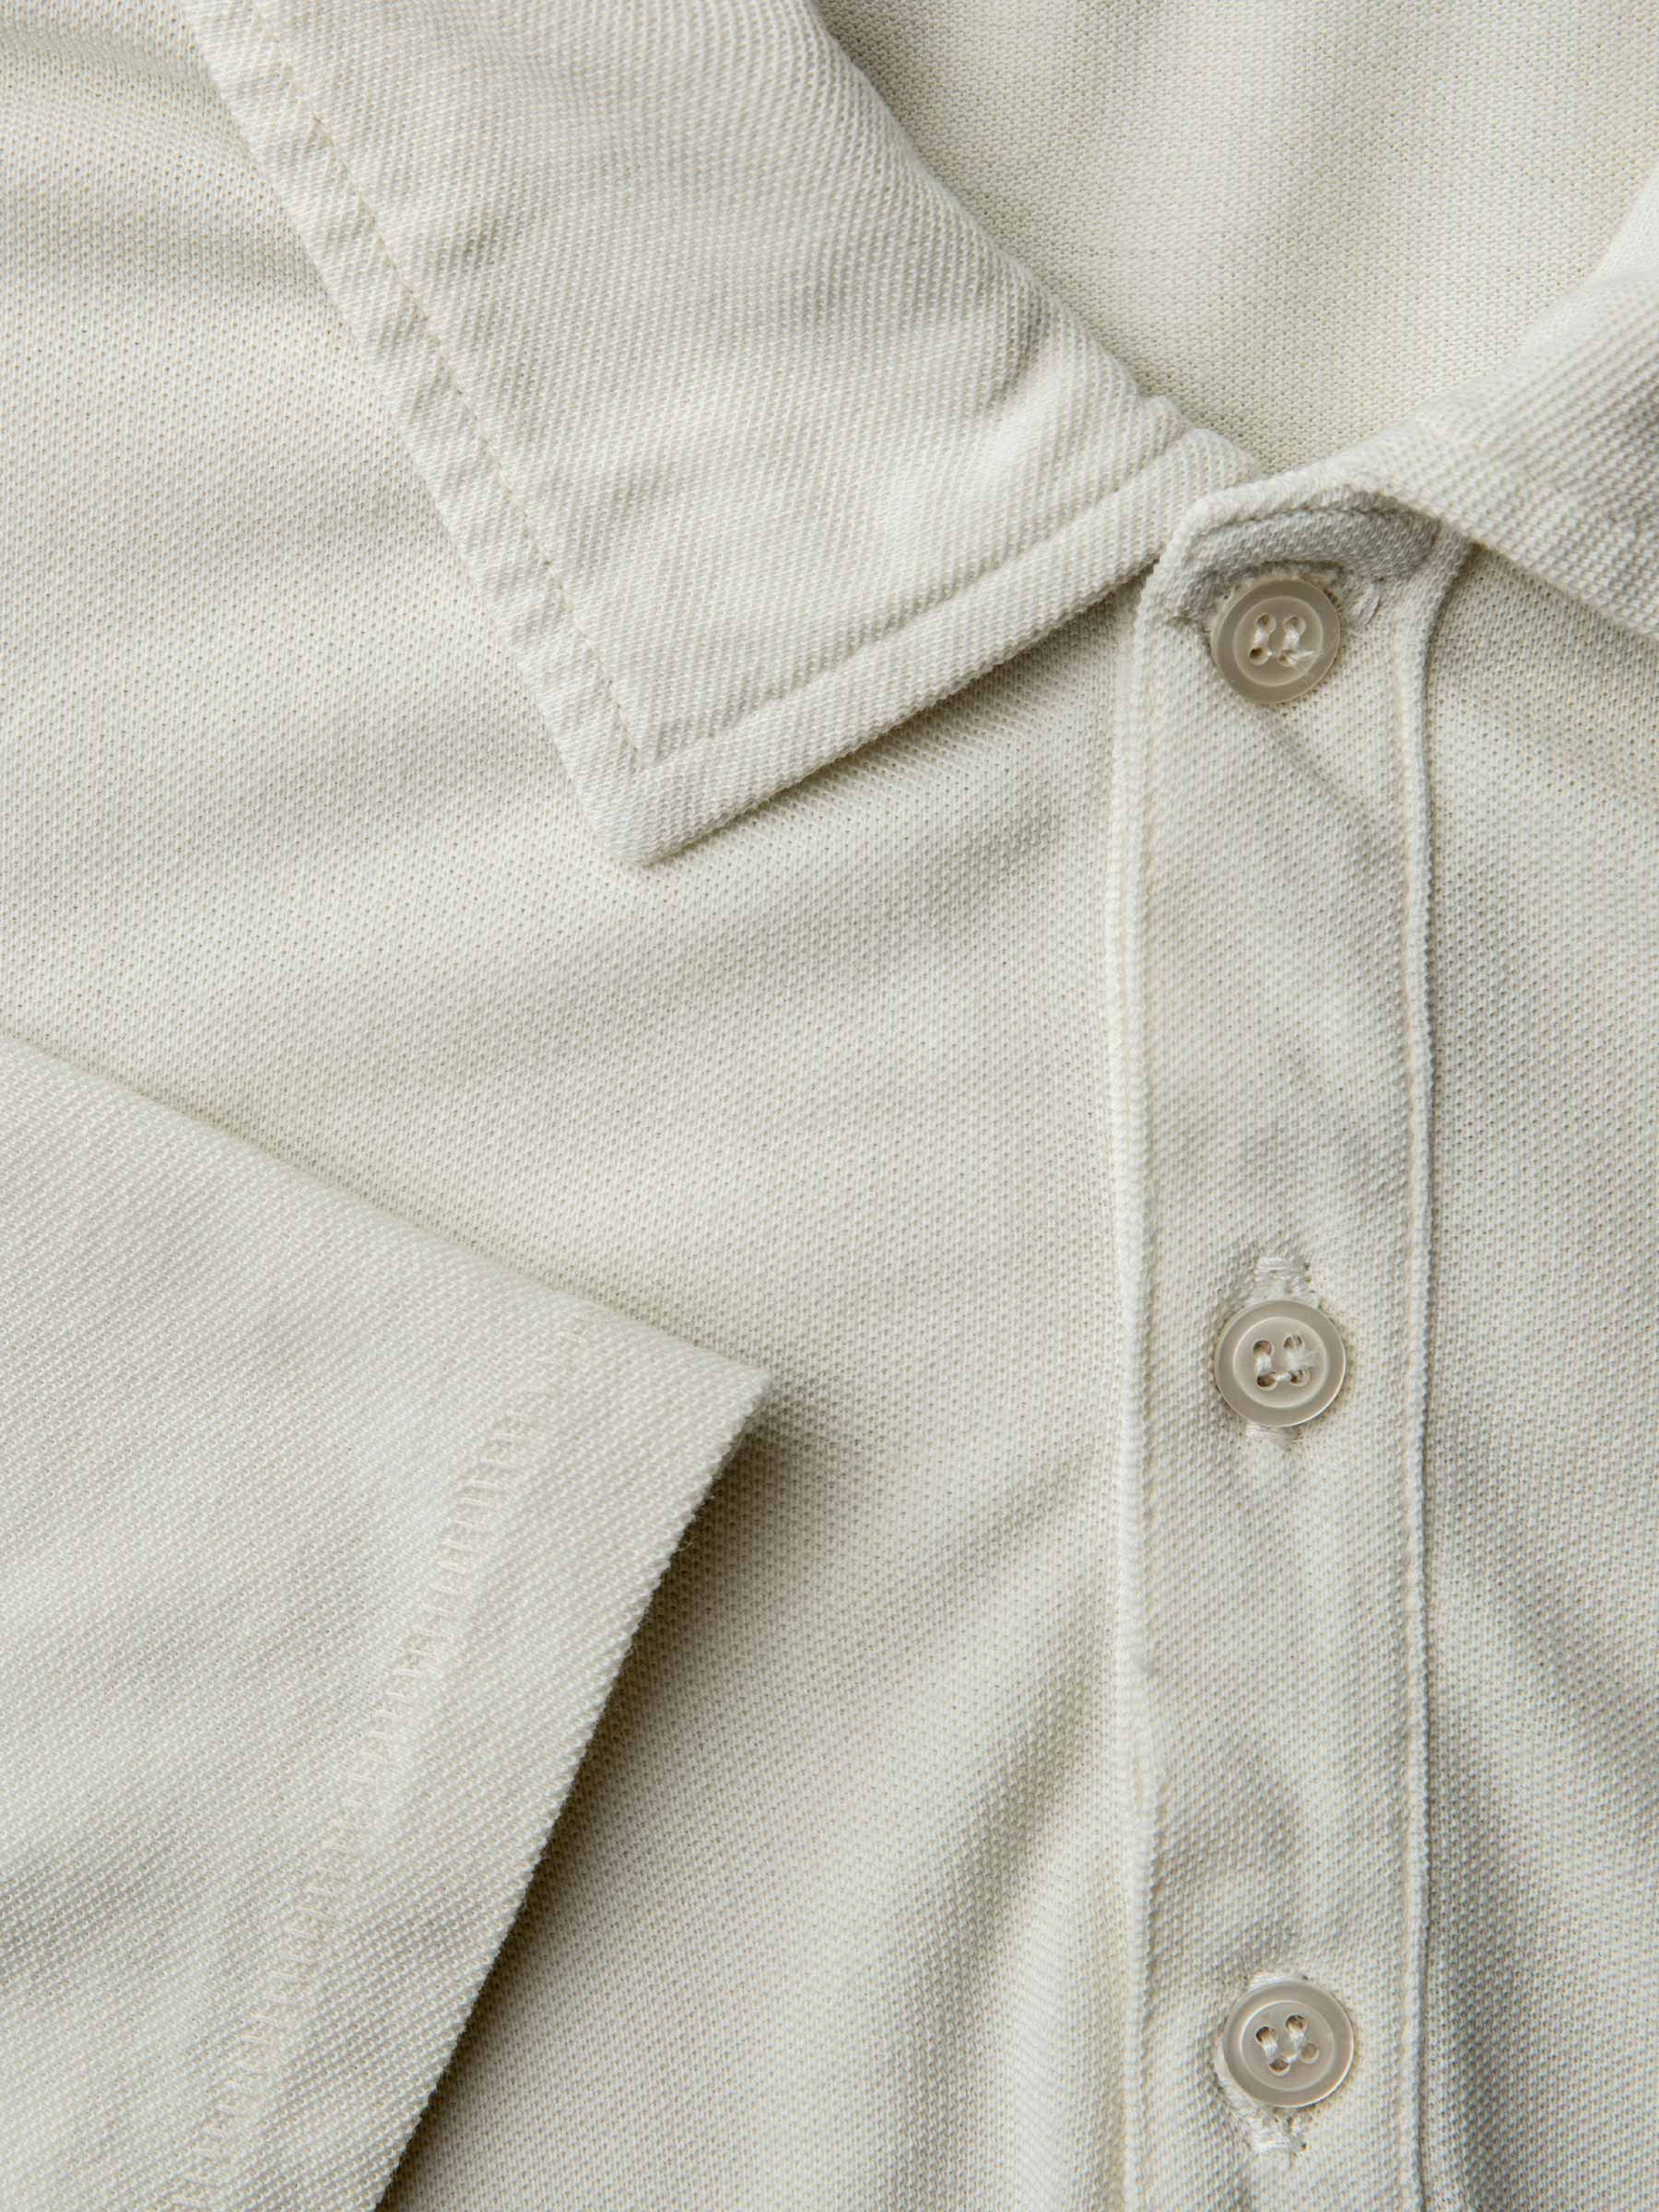 Buck Mason - Black Pique Polo Shirt